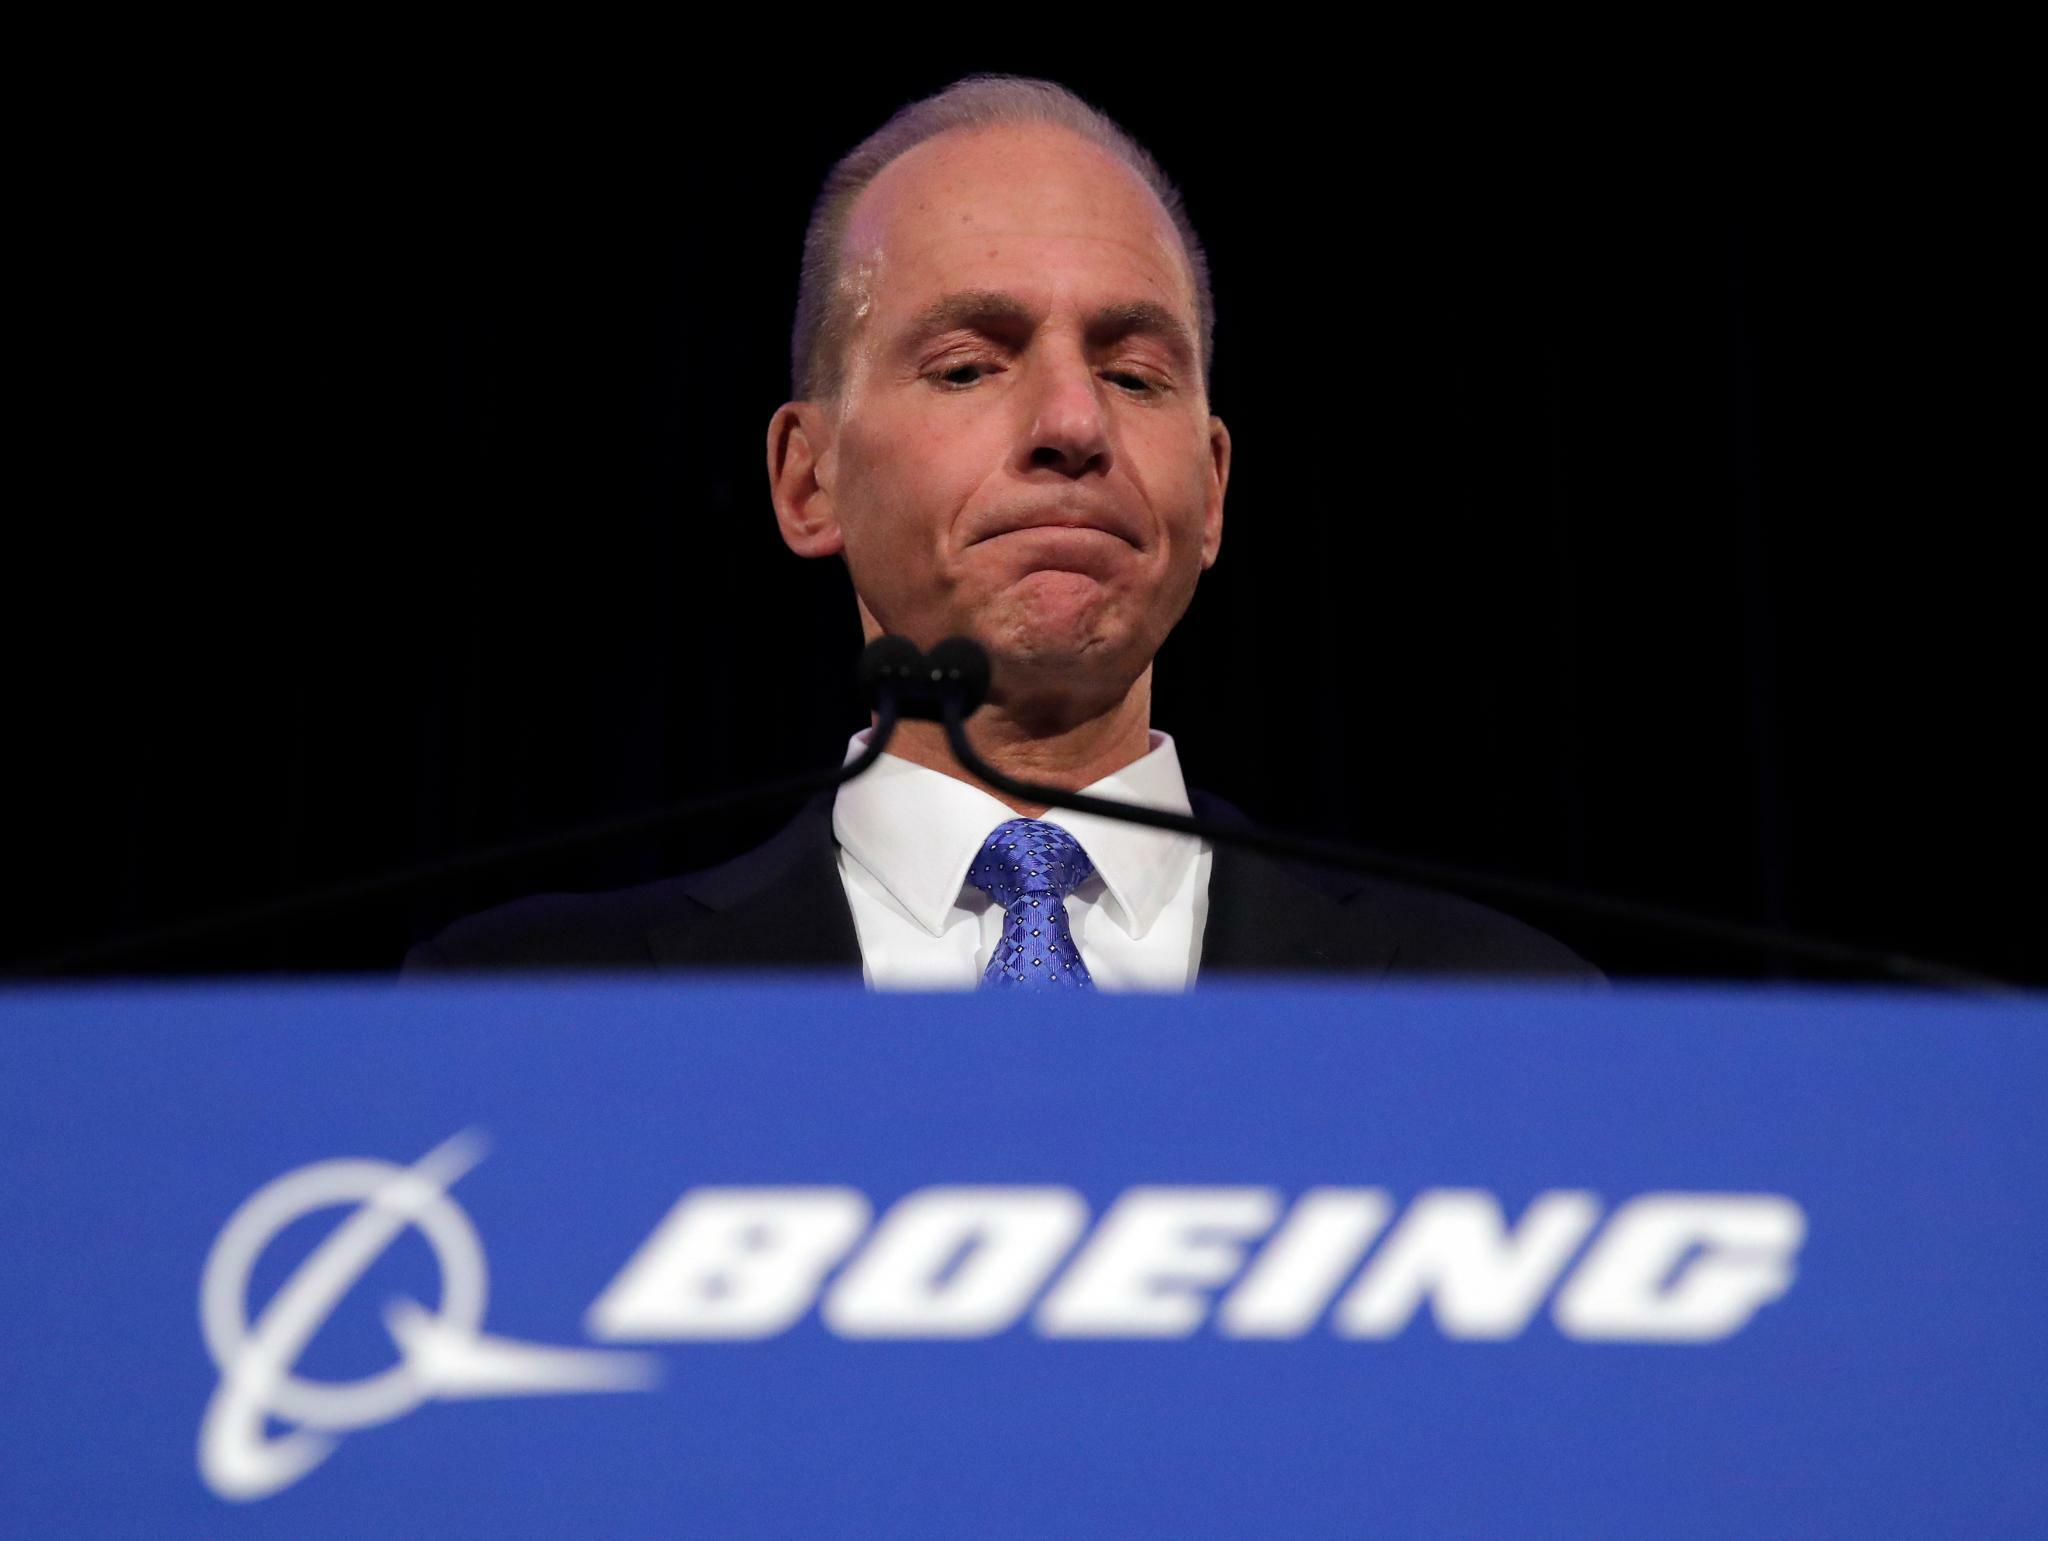 """737-Max-Ermittlungen: US-Luftfahrtbehörde fordert """"sofortige Erklärung"""" von Boeing"""